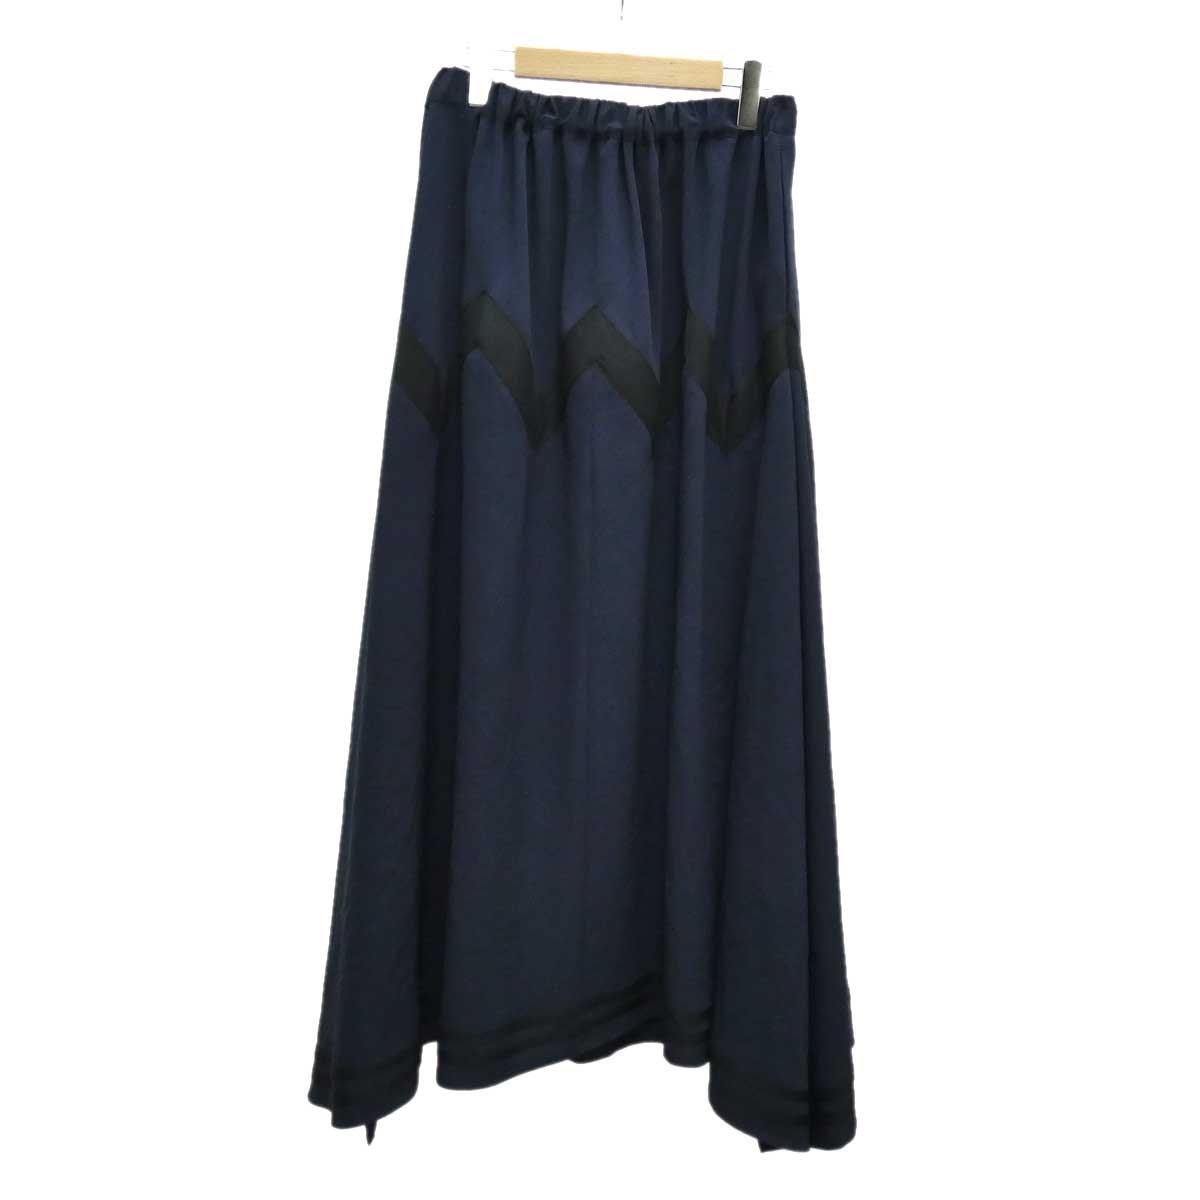 【中古】LIMIfeu ロングスカート ネイビー サイズ:S 【050420】(リミフゥ)